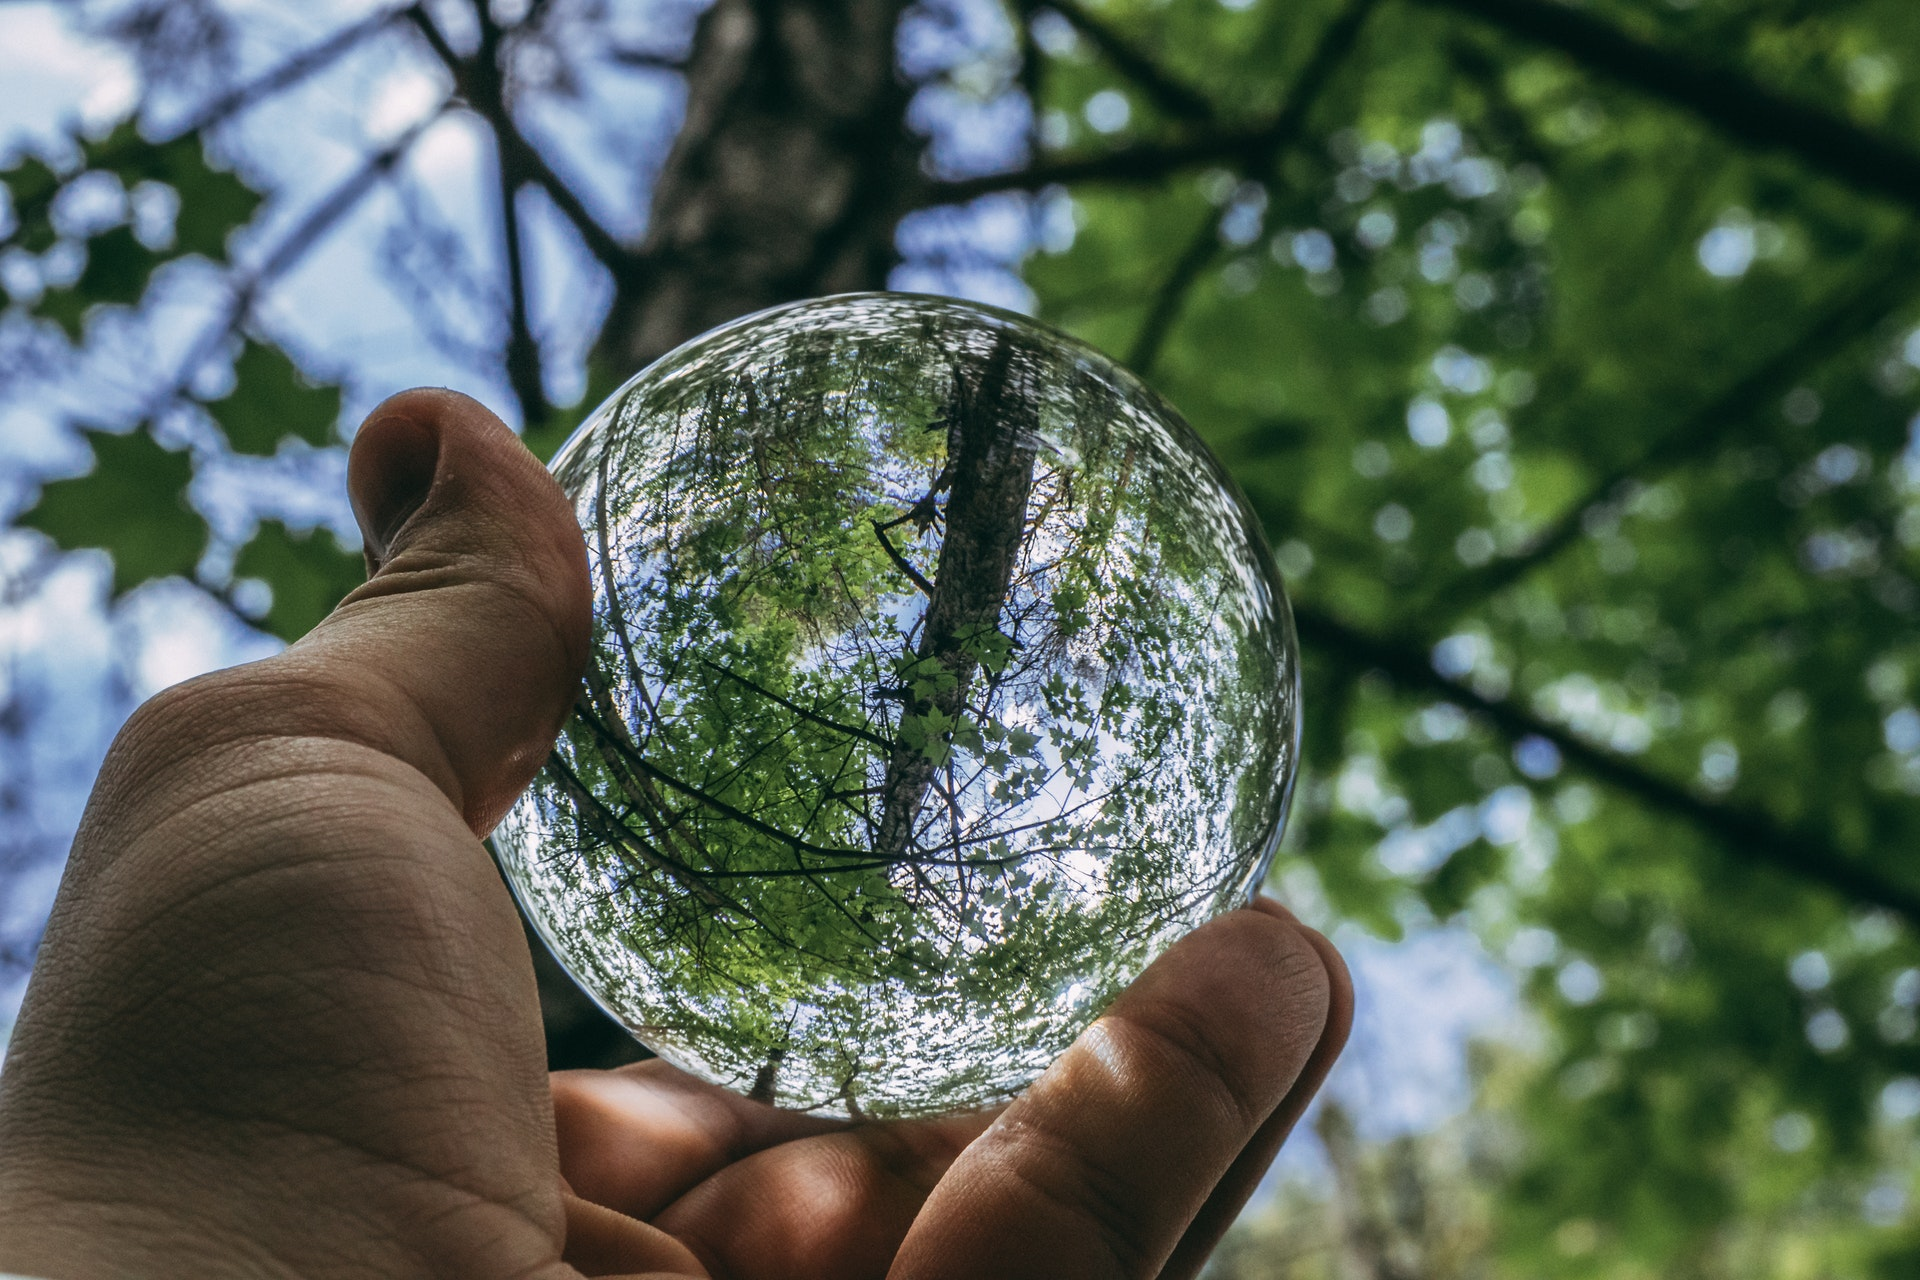 Serviços relacionado ao meio ambiente que você precisa conhecer